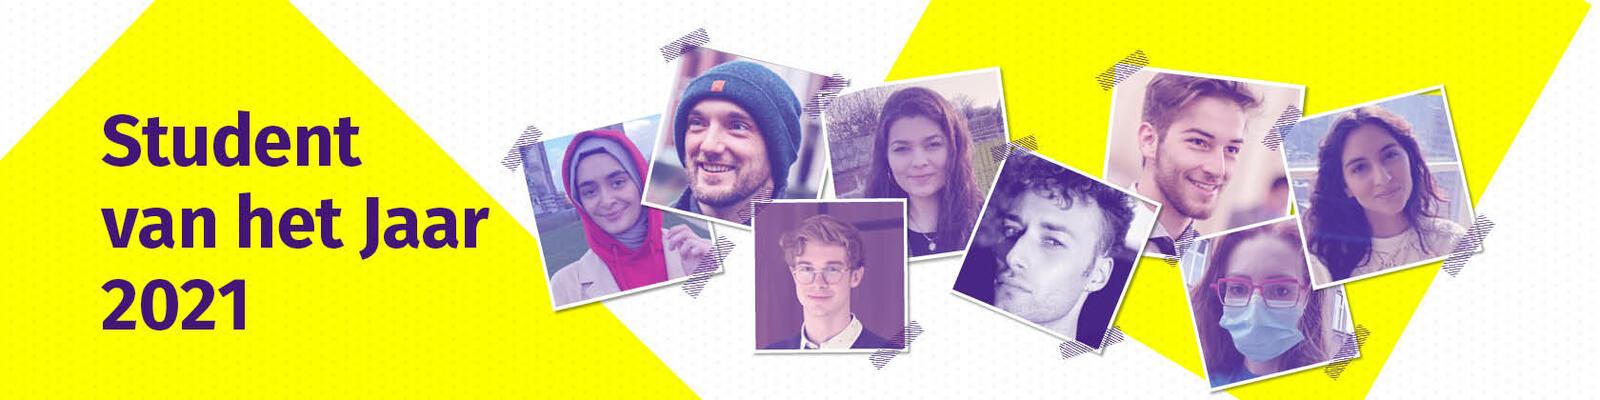 Student van het jaar 21 - website banner